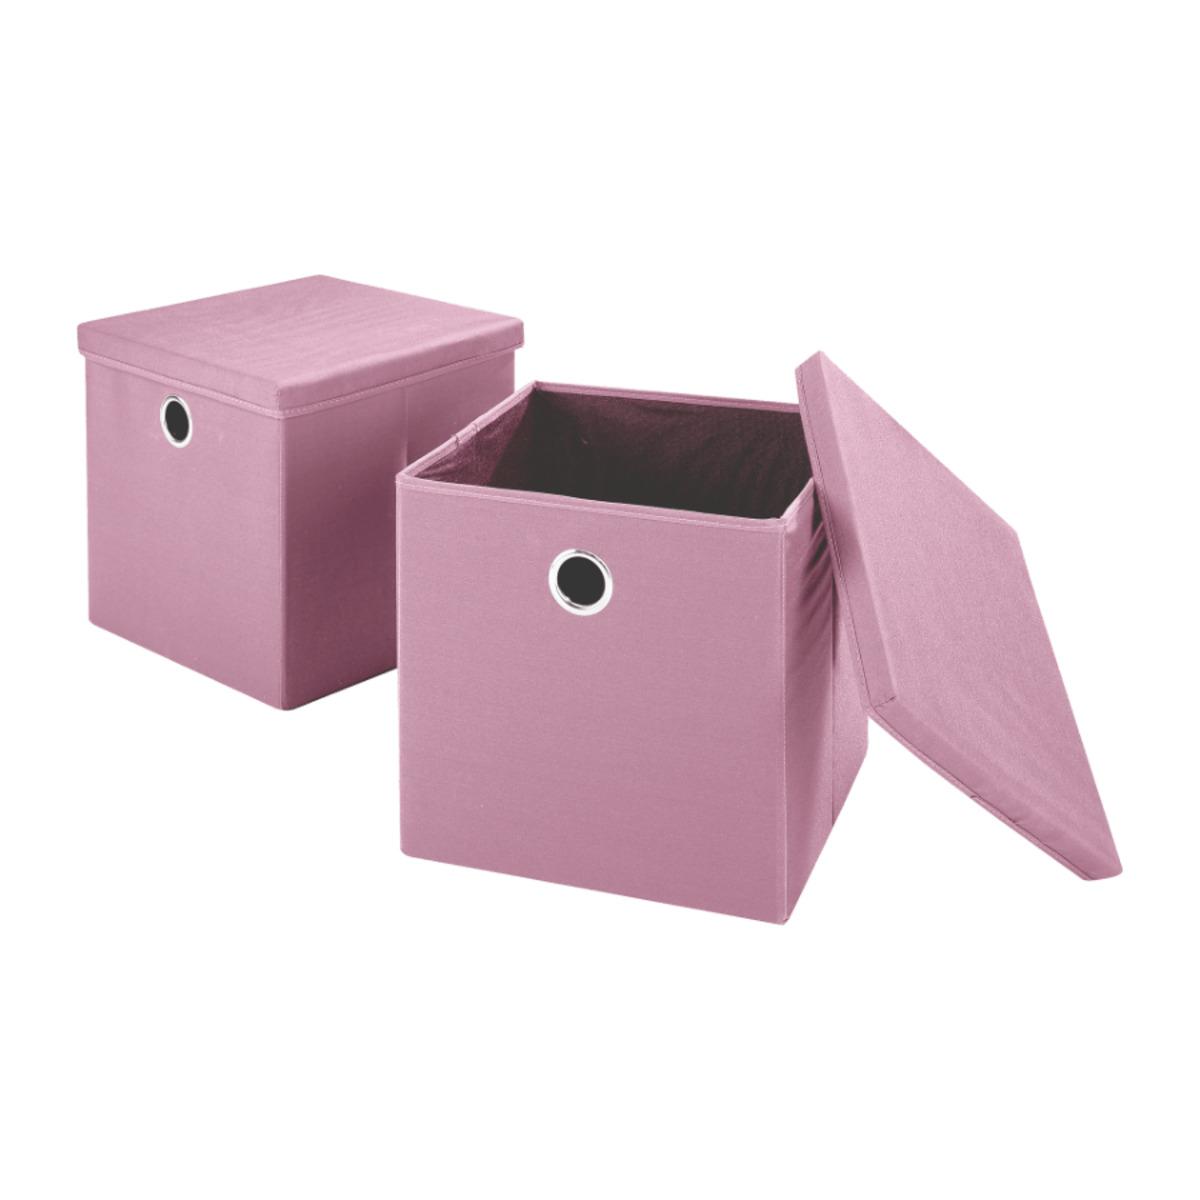 Bild 4 von HOME CREATION     Aufbewahrungsboxen